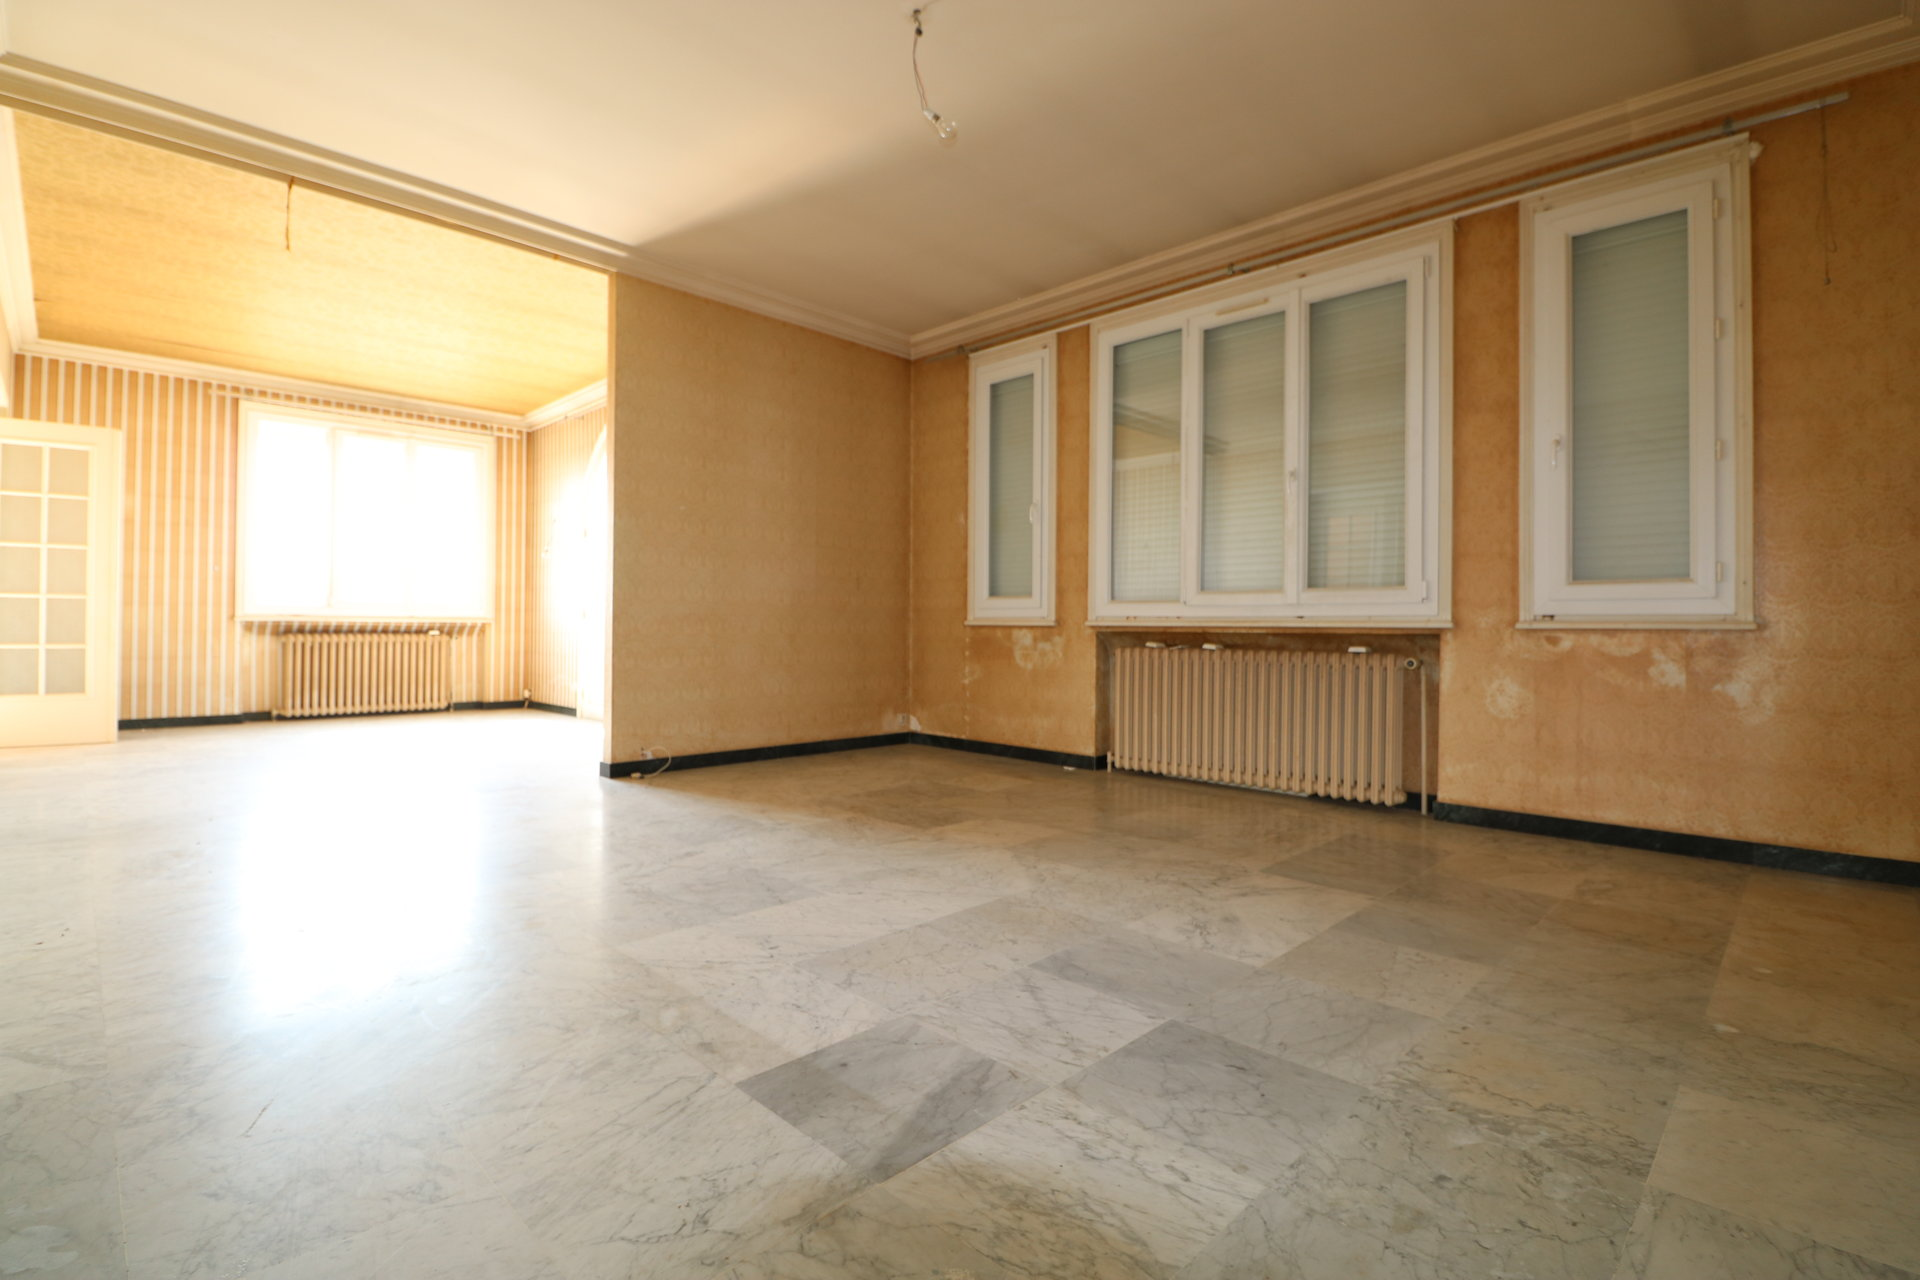 Maison 170 m² avec sous-sol